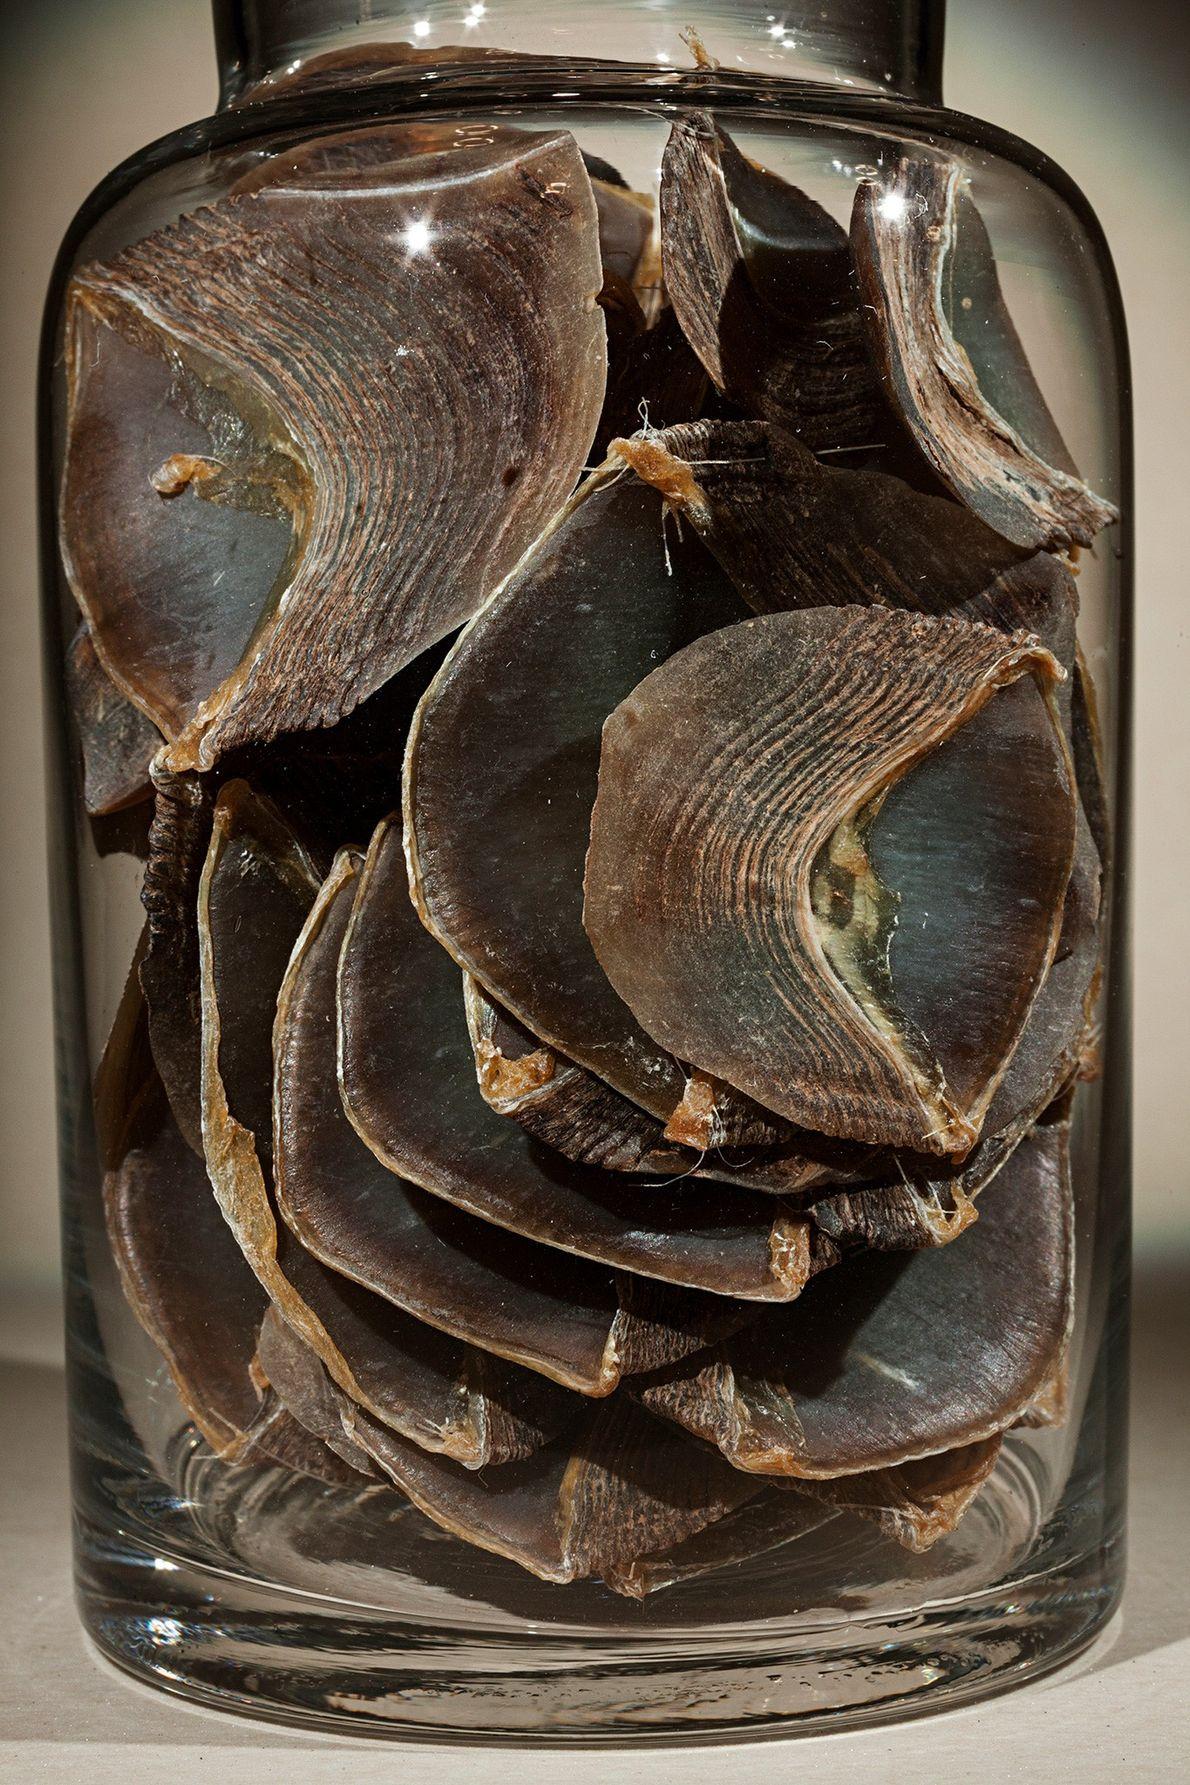 Die Schuppentierschuppen in diesem Glas werden in alten chinesischen Heilmitteln als natürliche Zutat verwendet. Schuppentiere sind ...